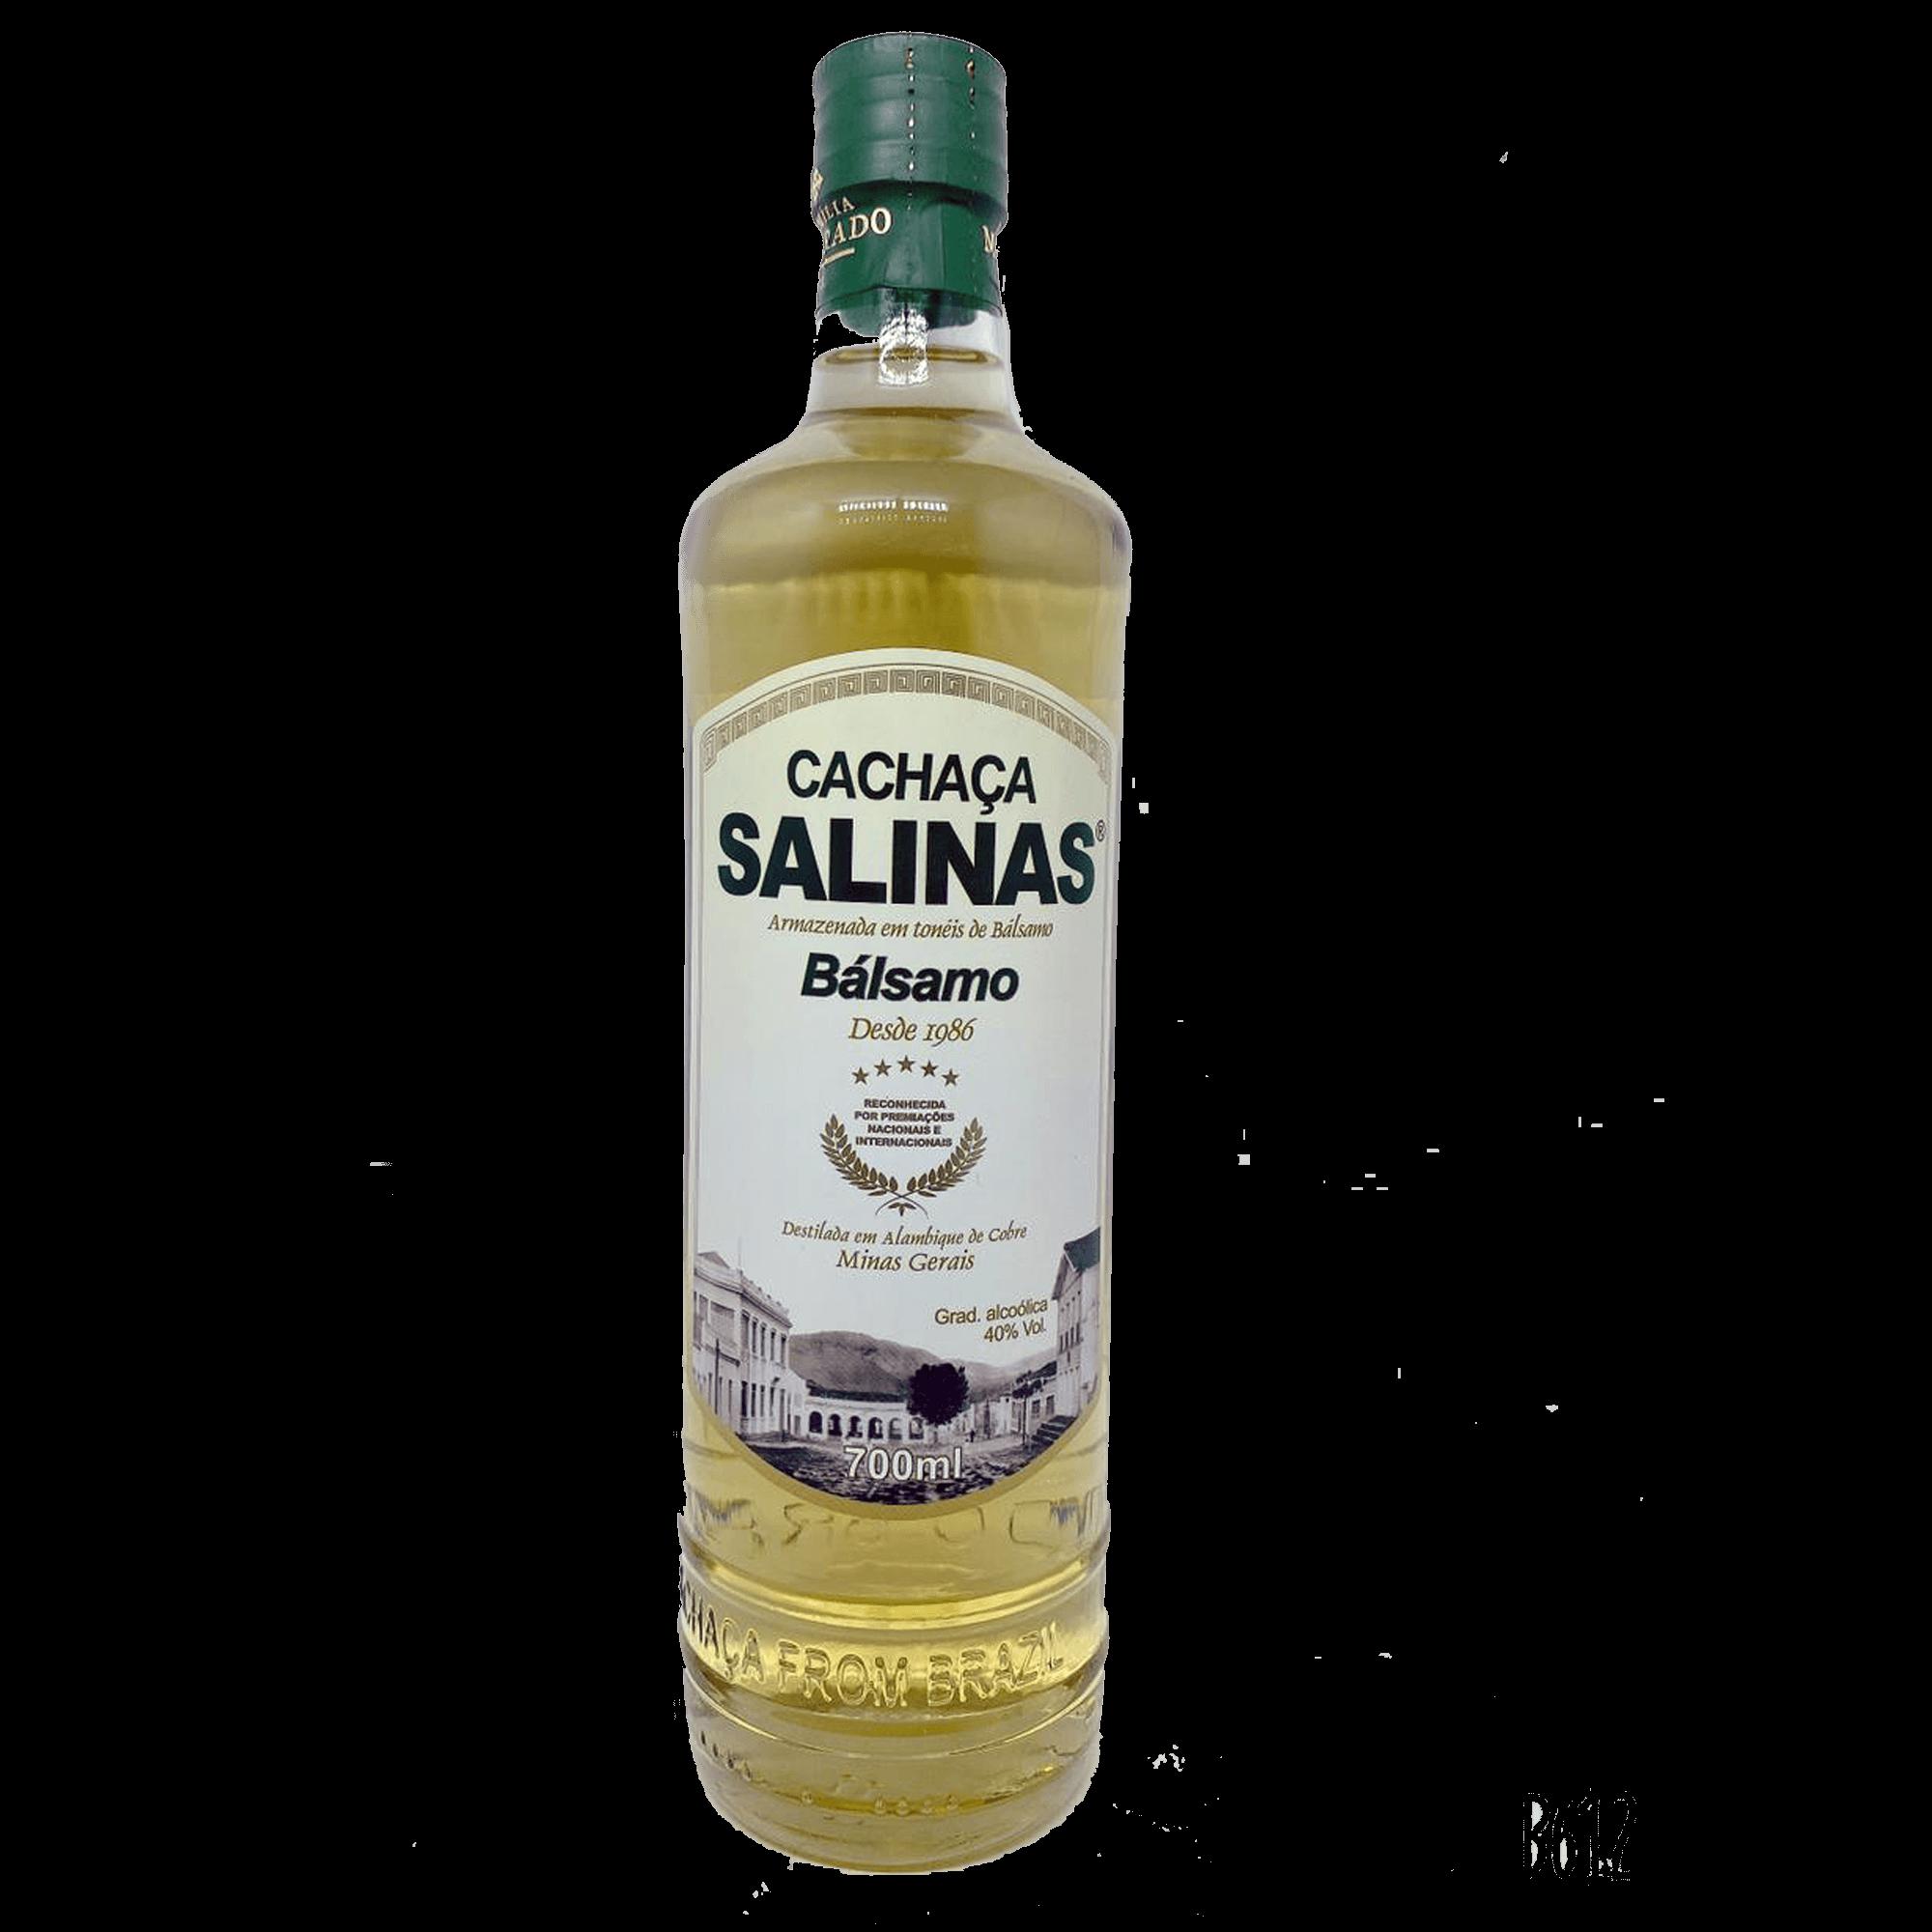 Cachaça Salinas Balsamo